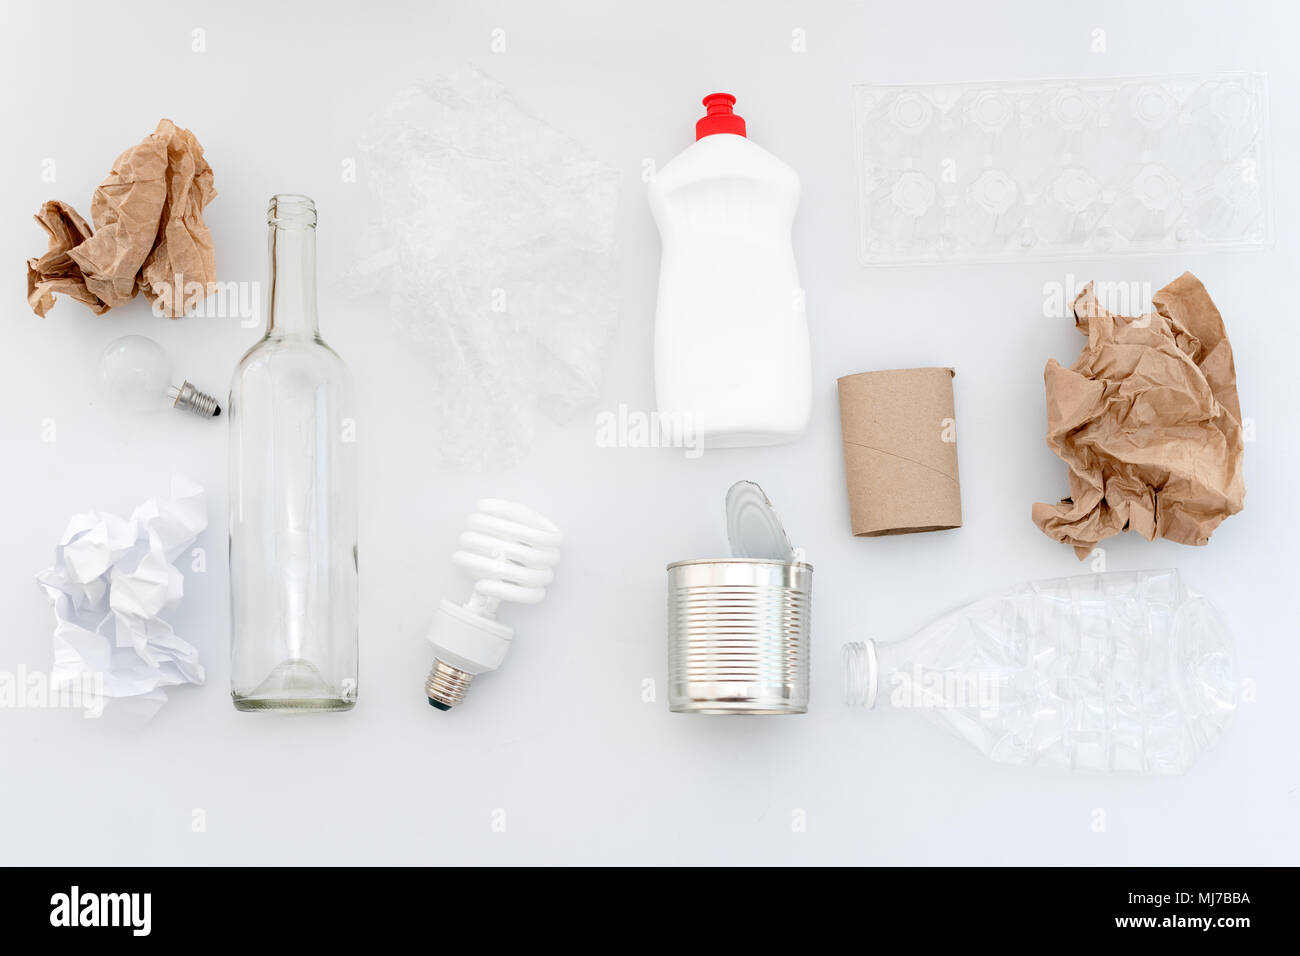 Nettoyer Du Verre les déchets recyclables, des ressources. nettoyer le verre, papier